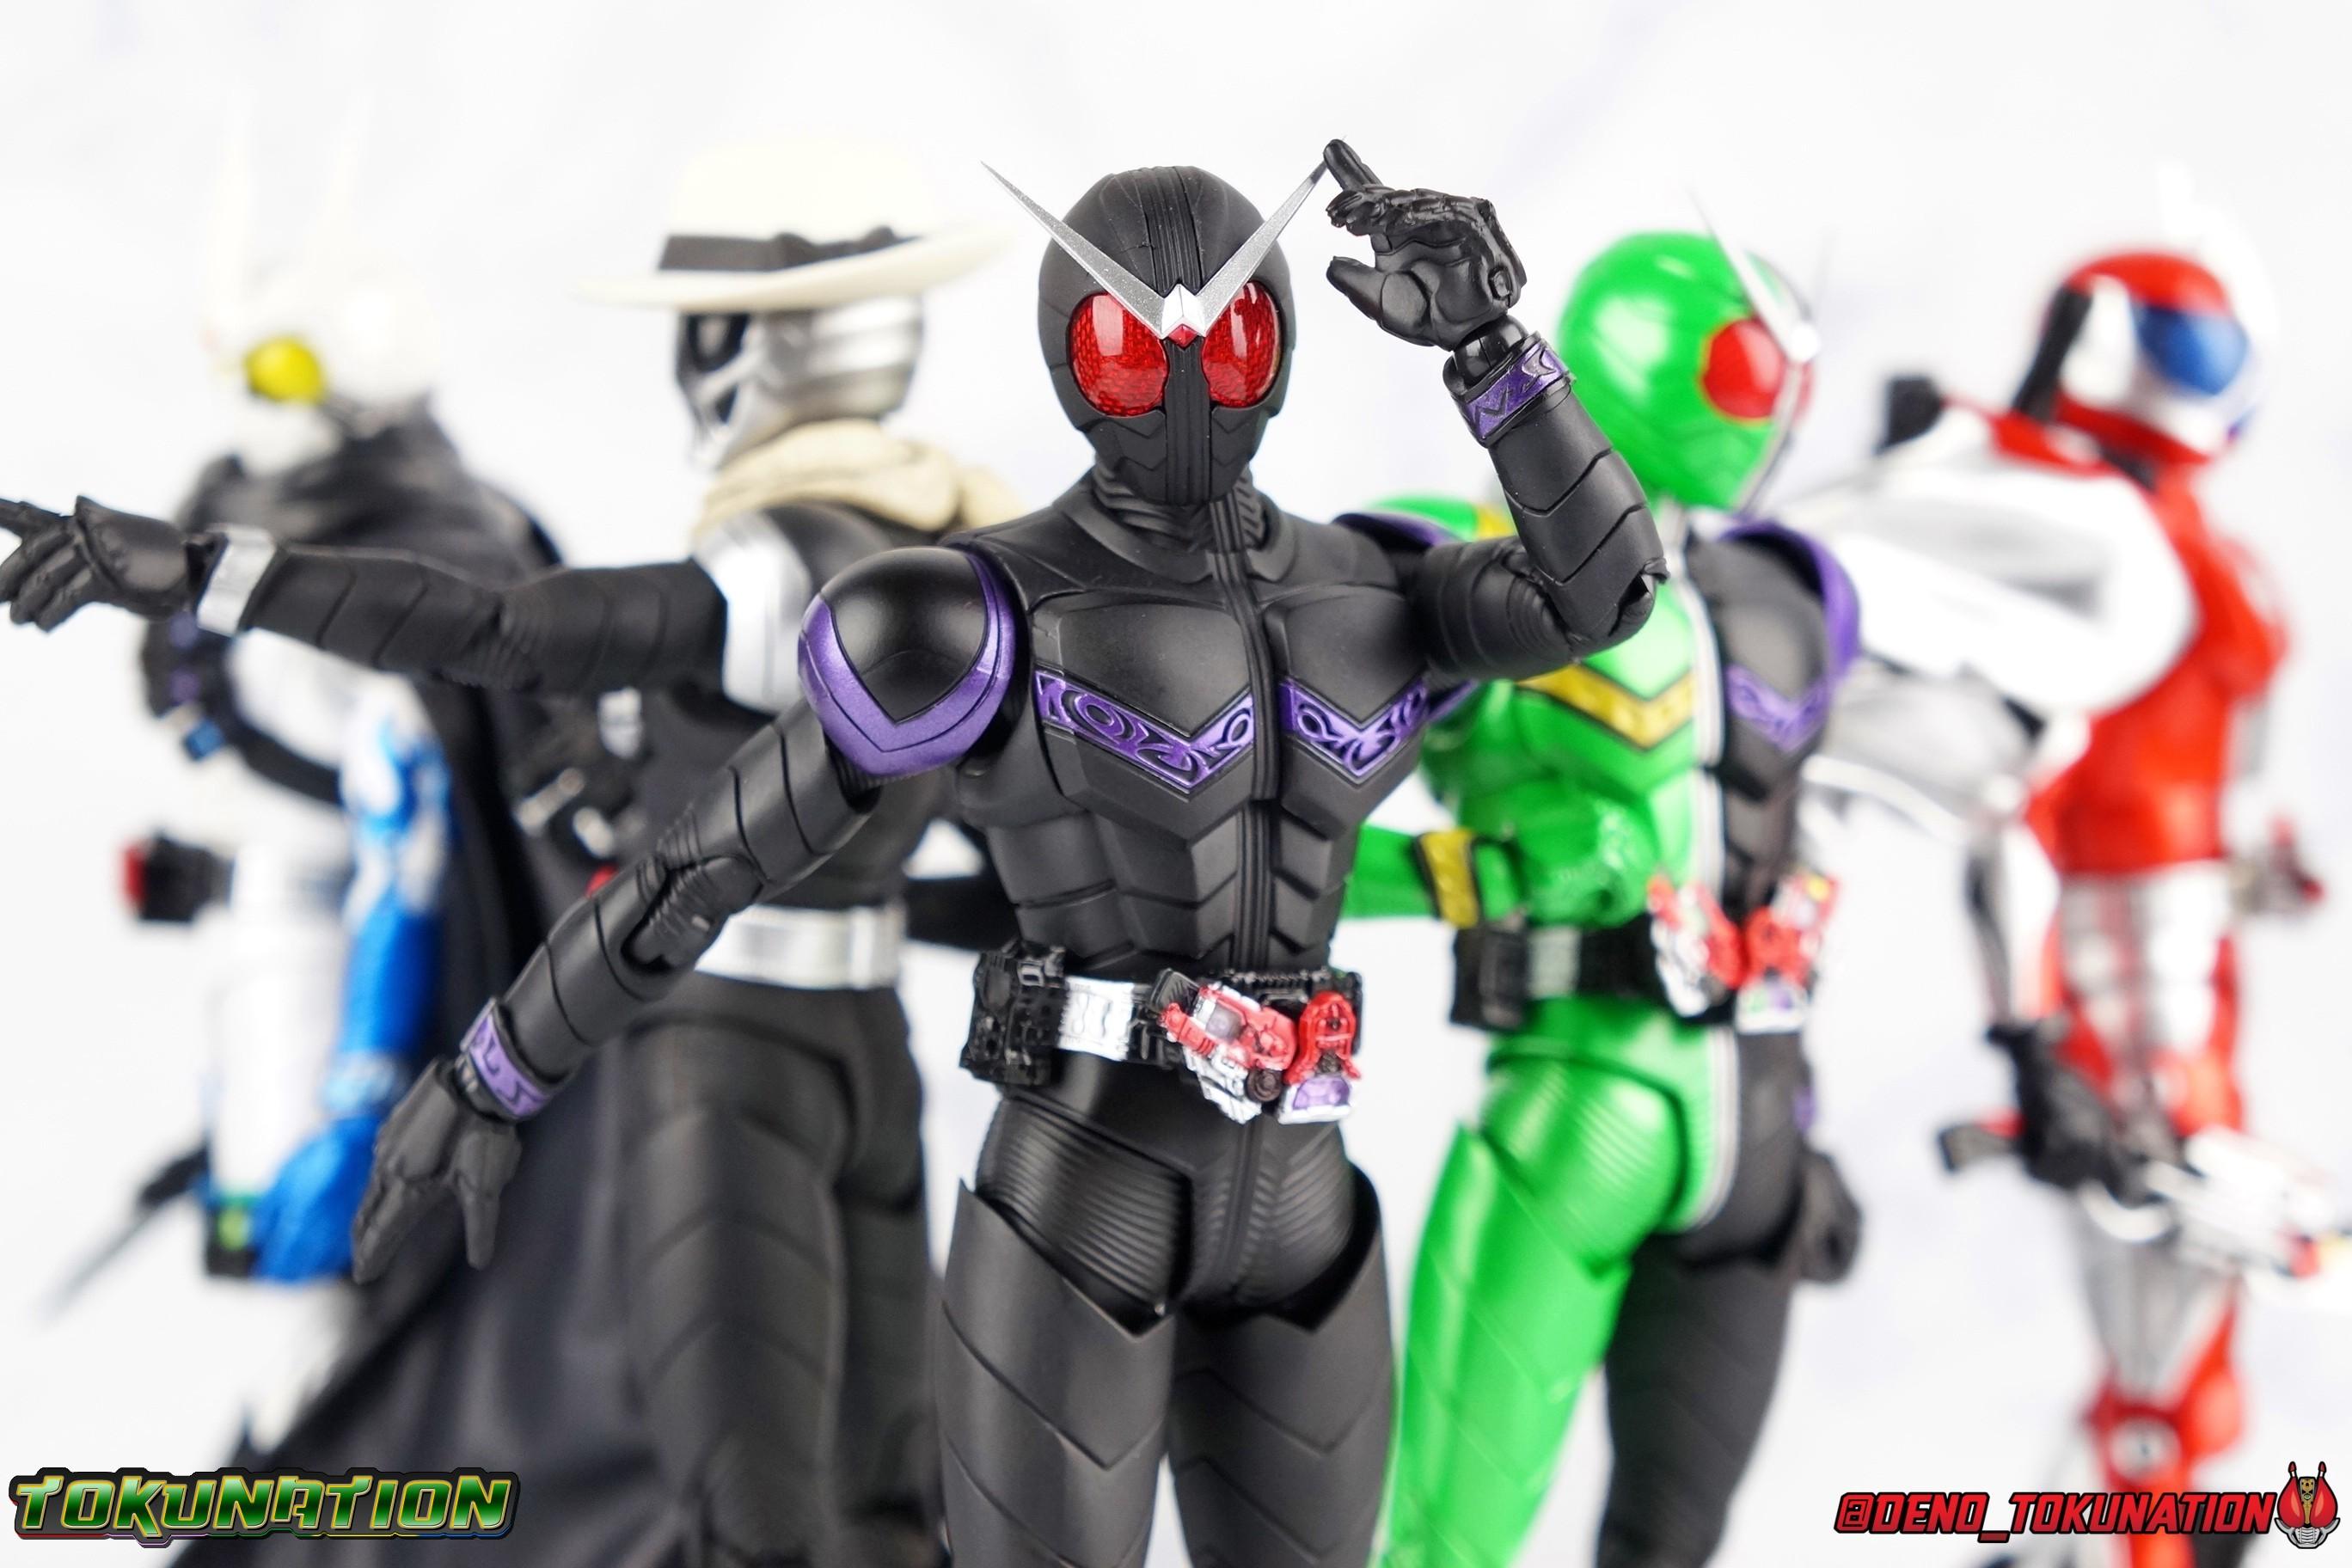 S.H. Figuarts Shinkocchou Seihou Kamen Rider Joker Gallery